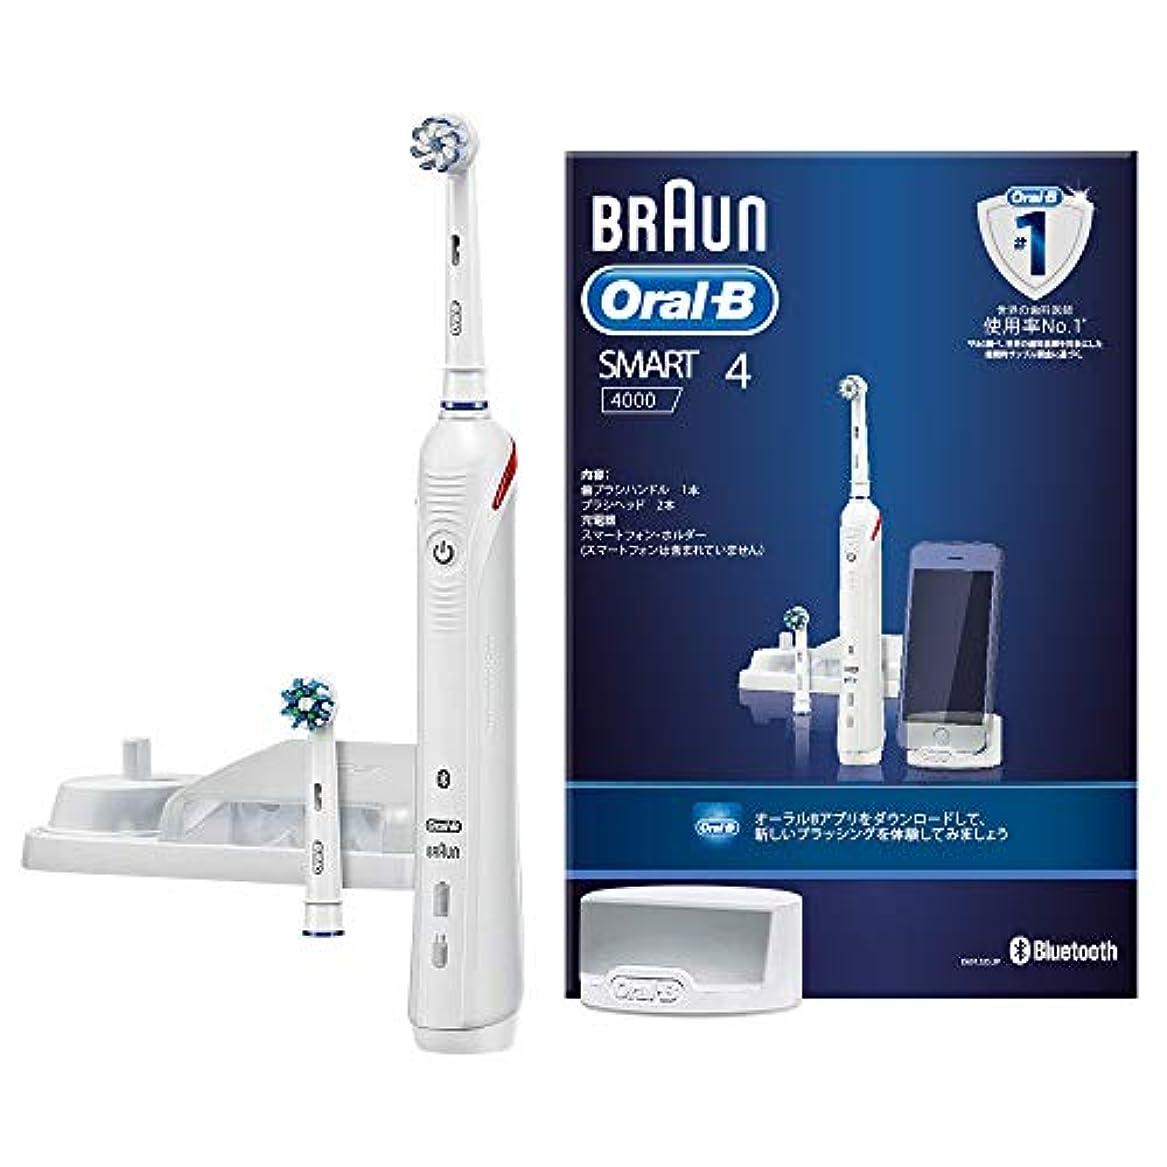 デザイナー強化する宇宙船ブラウン オーラルB 電動歯ブラシ スマート4000 D6015253P